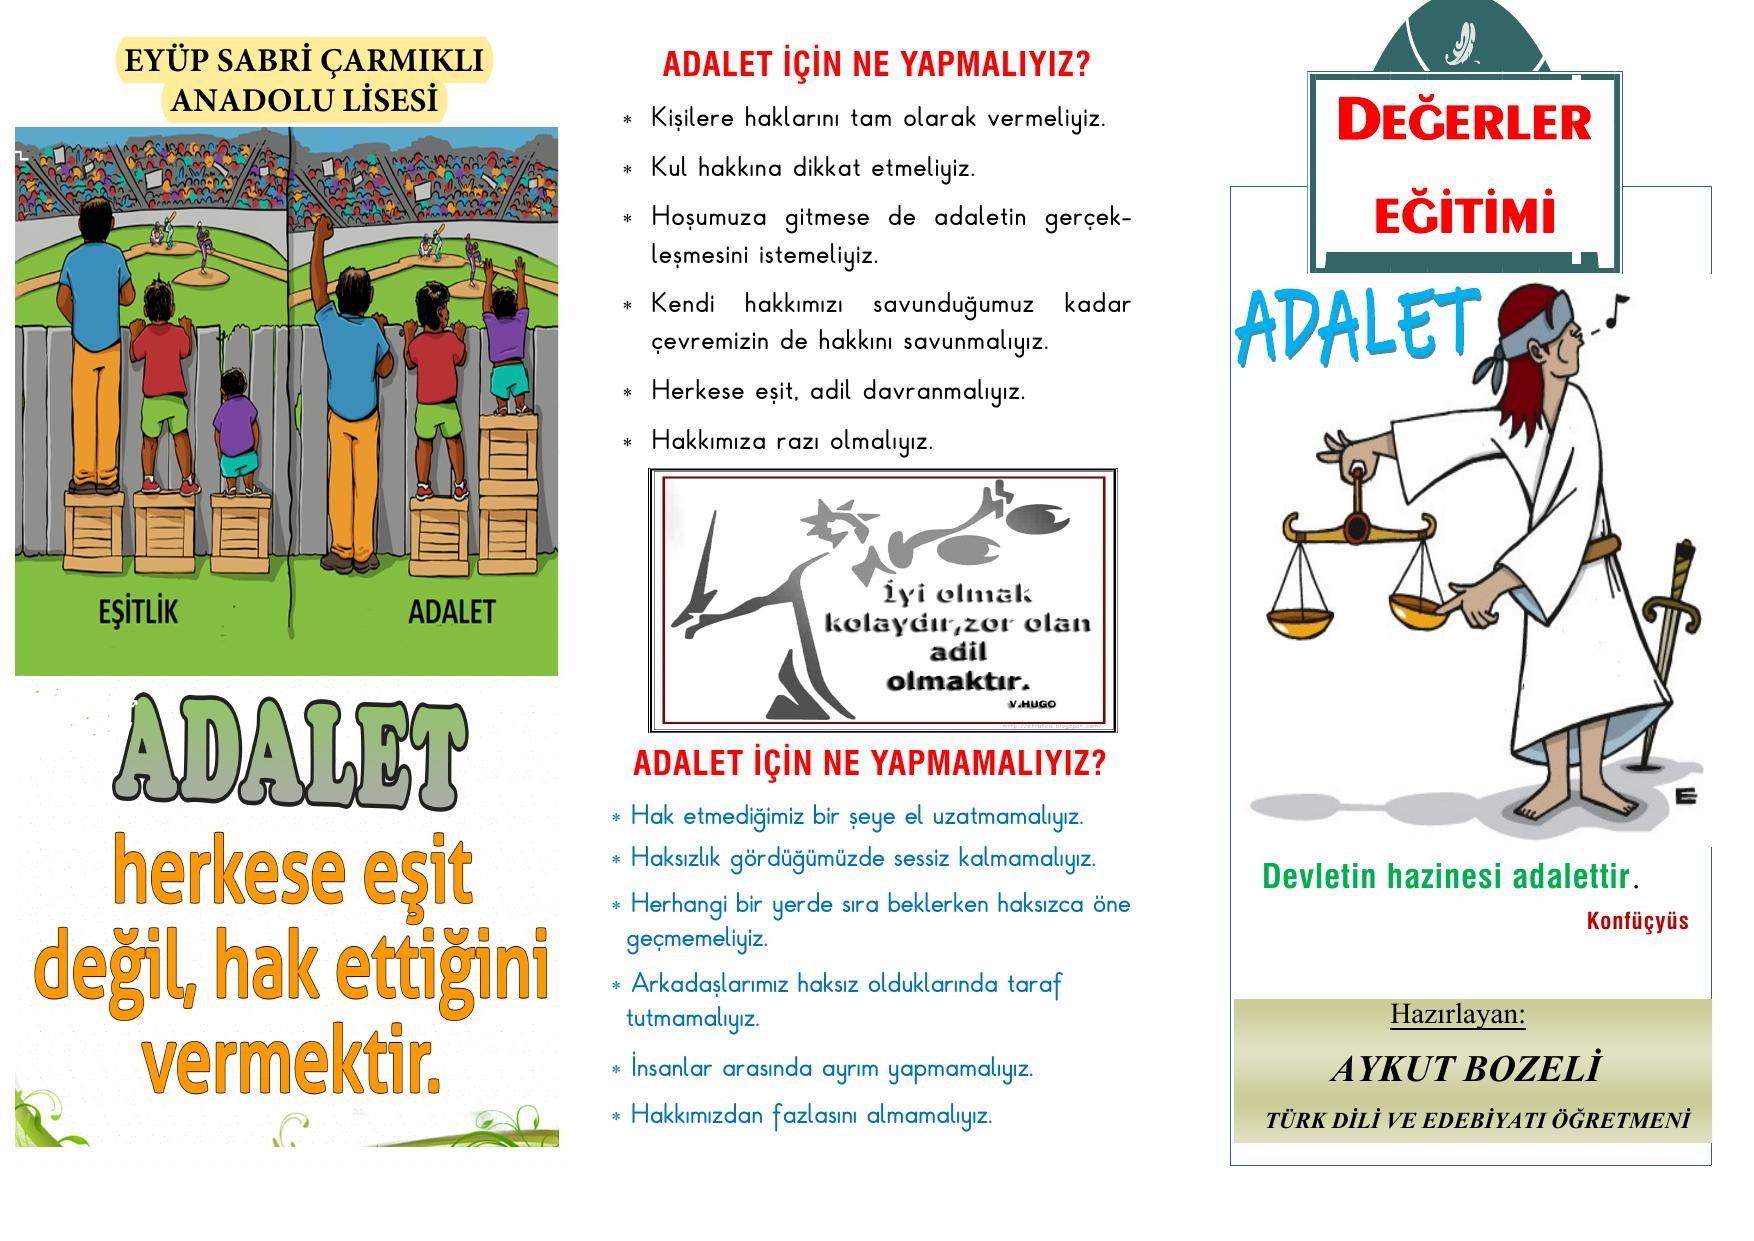 adalet konulu brosur